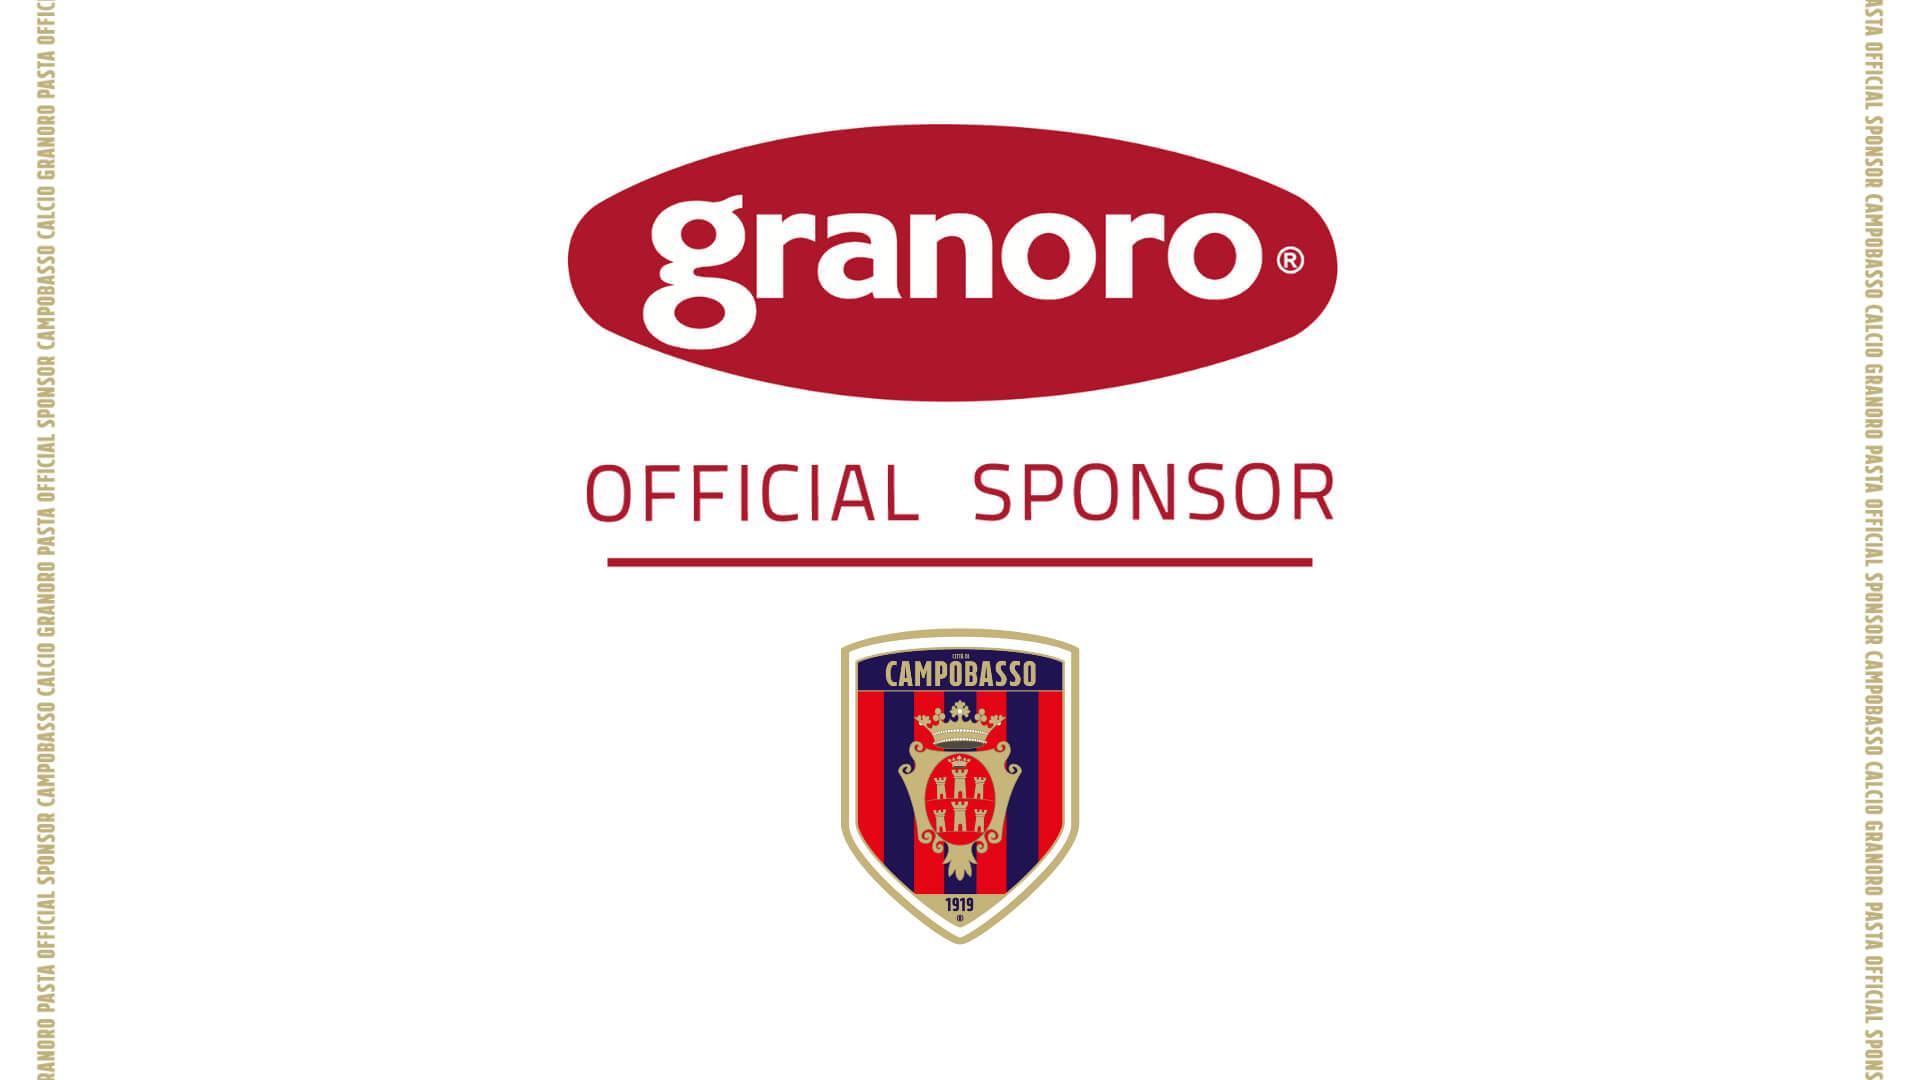 Granoro nuovo Official Sponsor del Campobasso